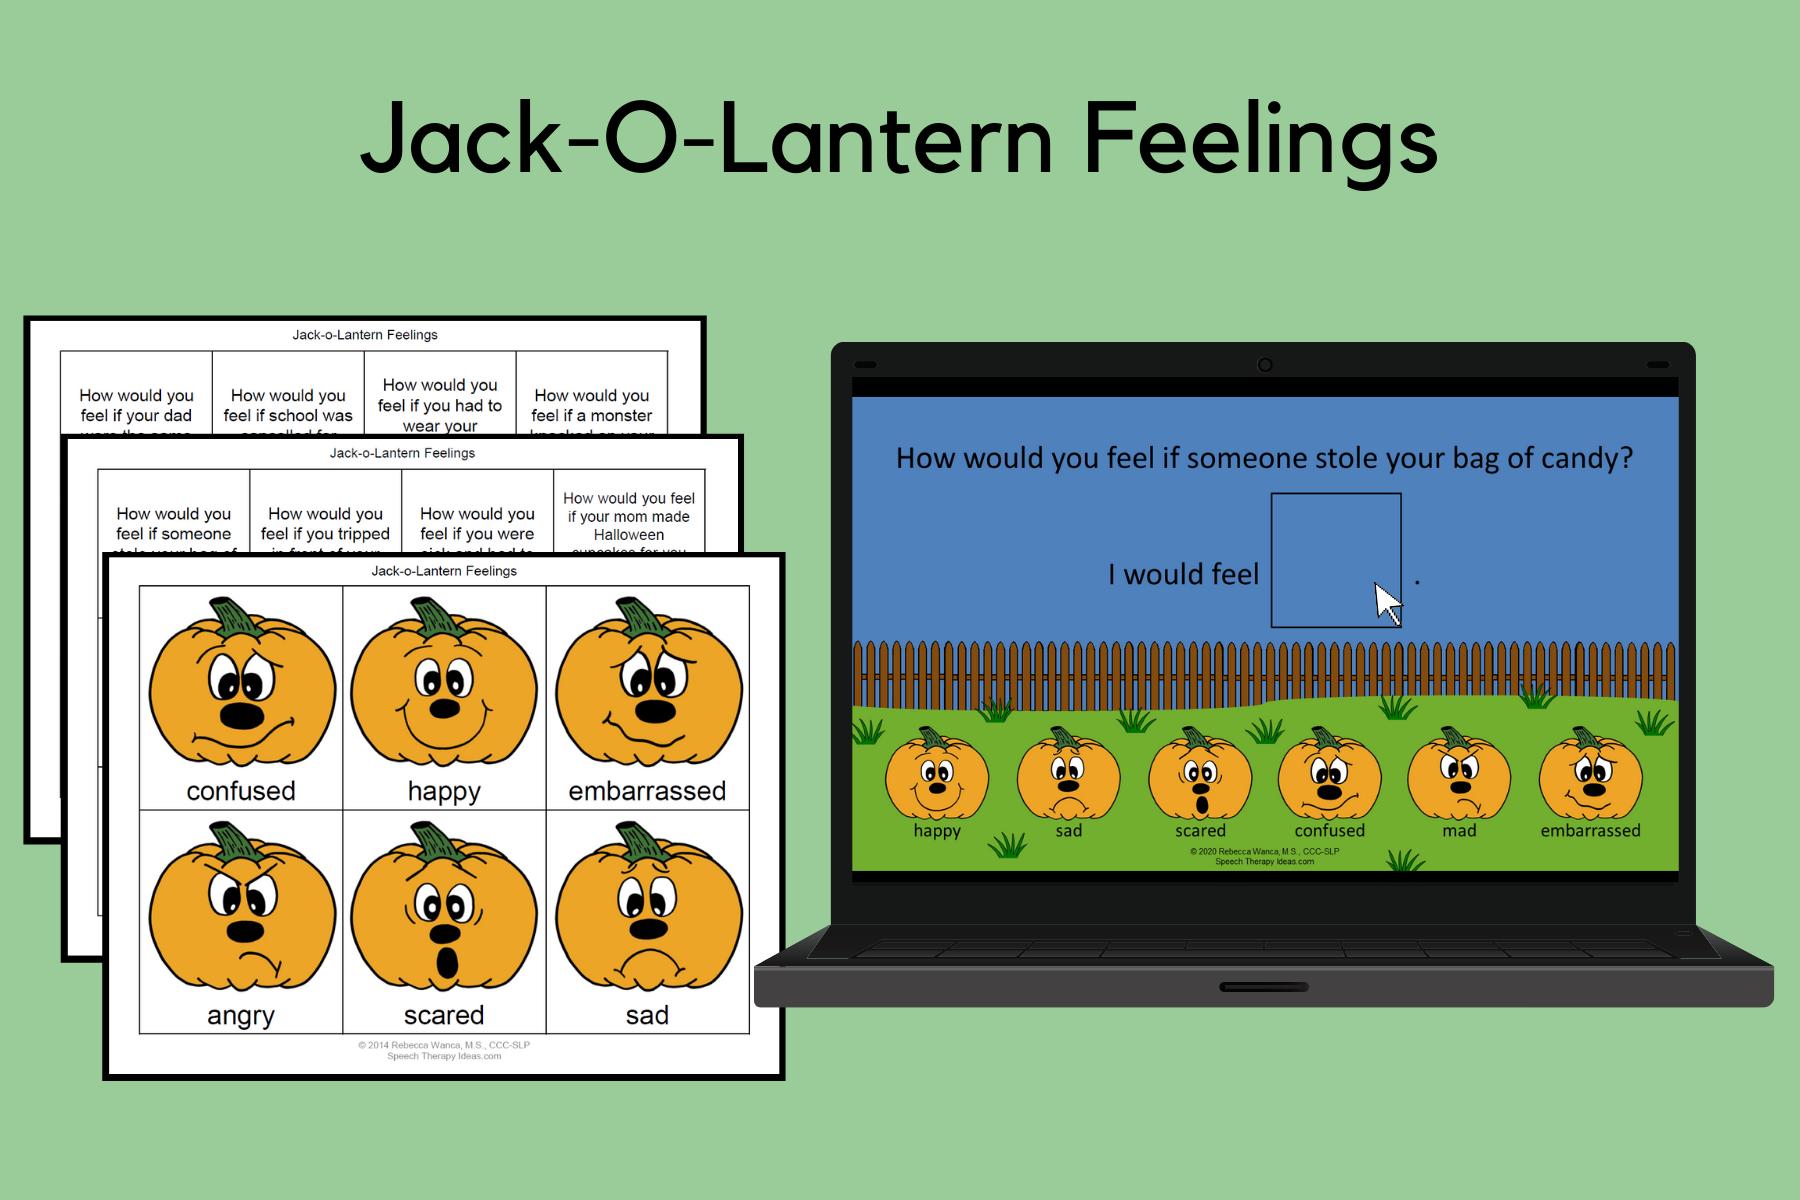 Jack-O-Lantern Feelings